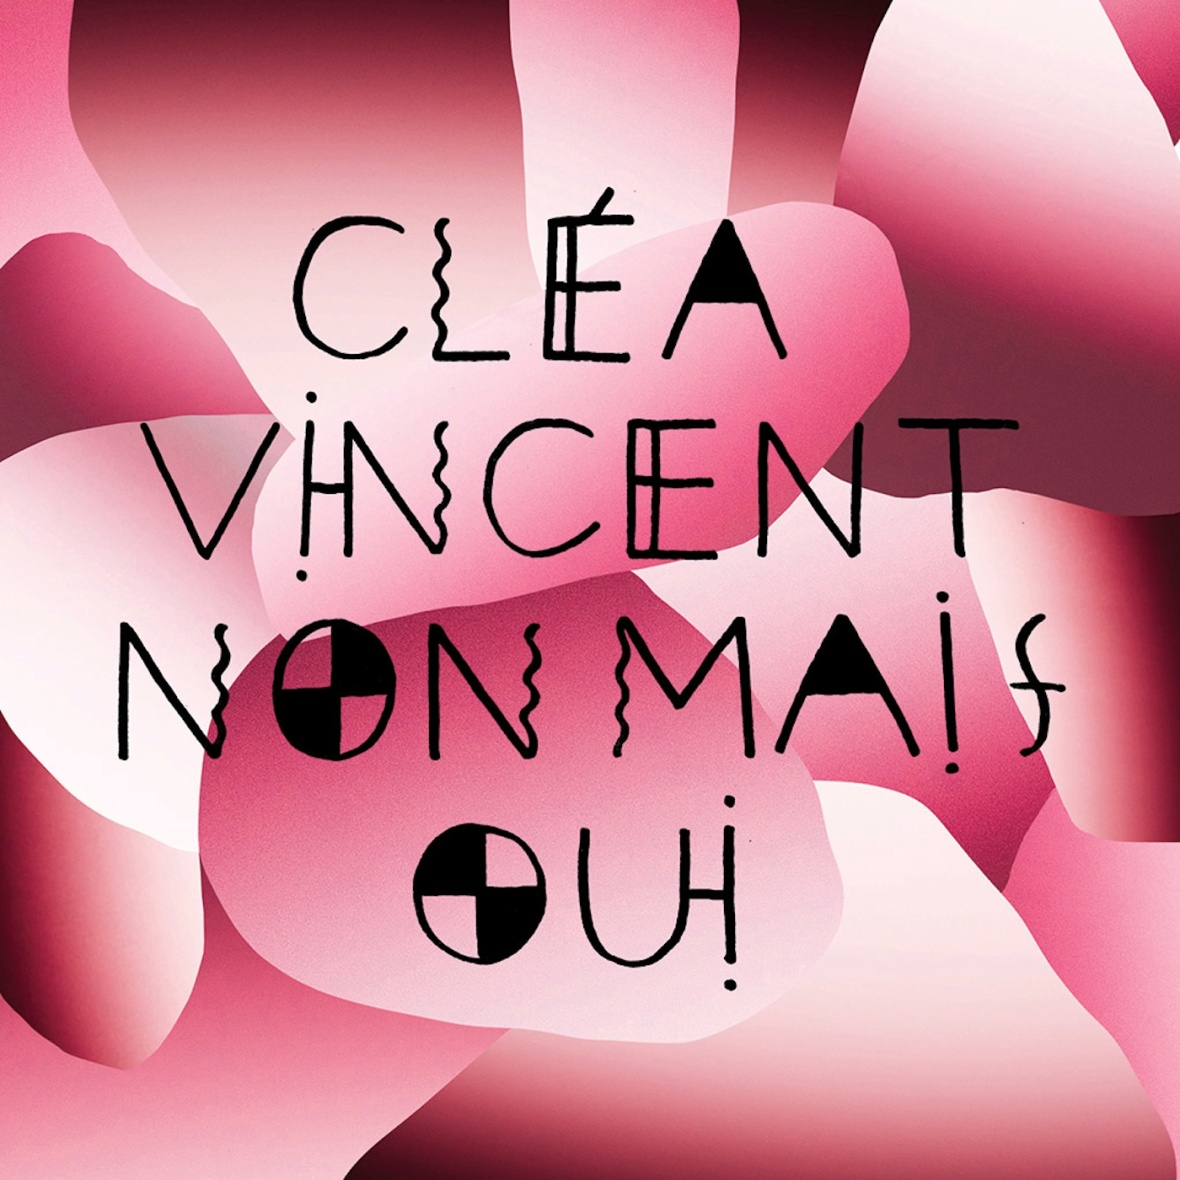 Cléa Vincent, Non mais oui